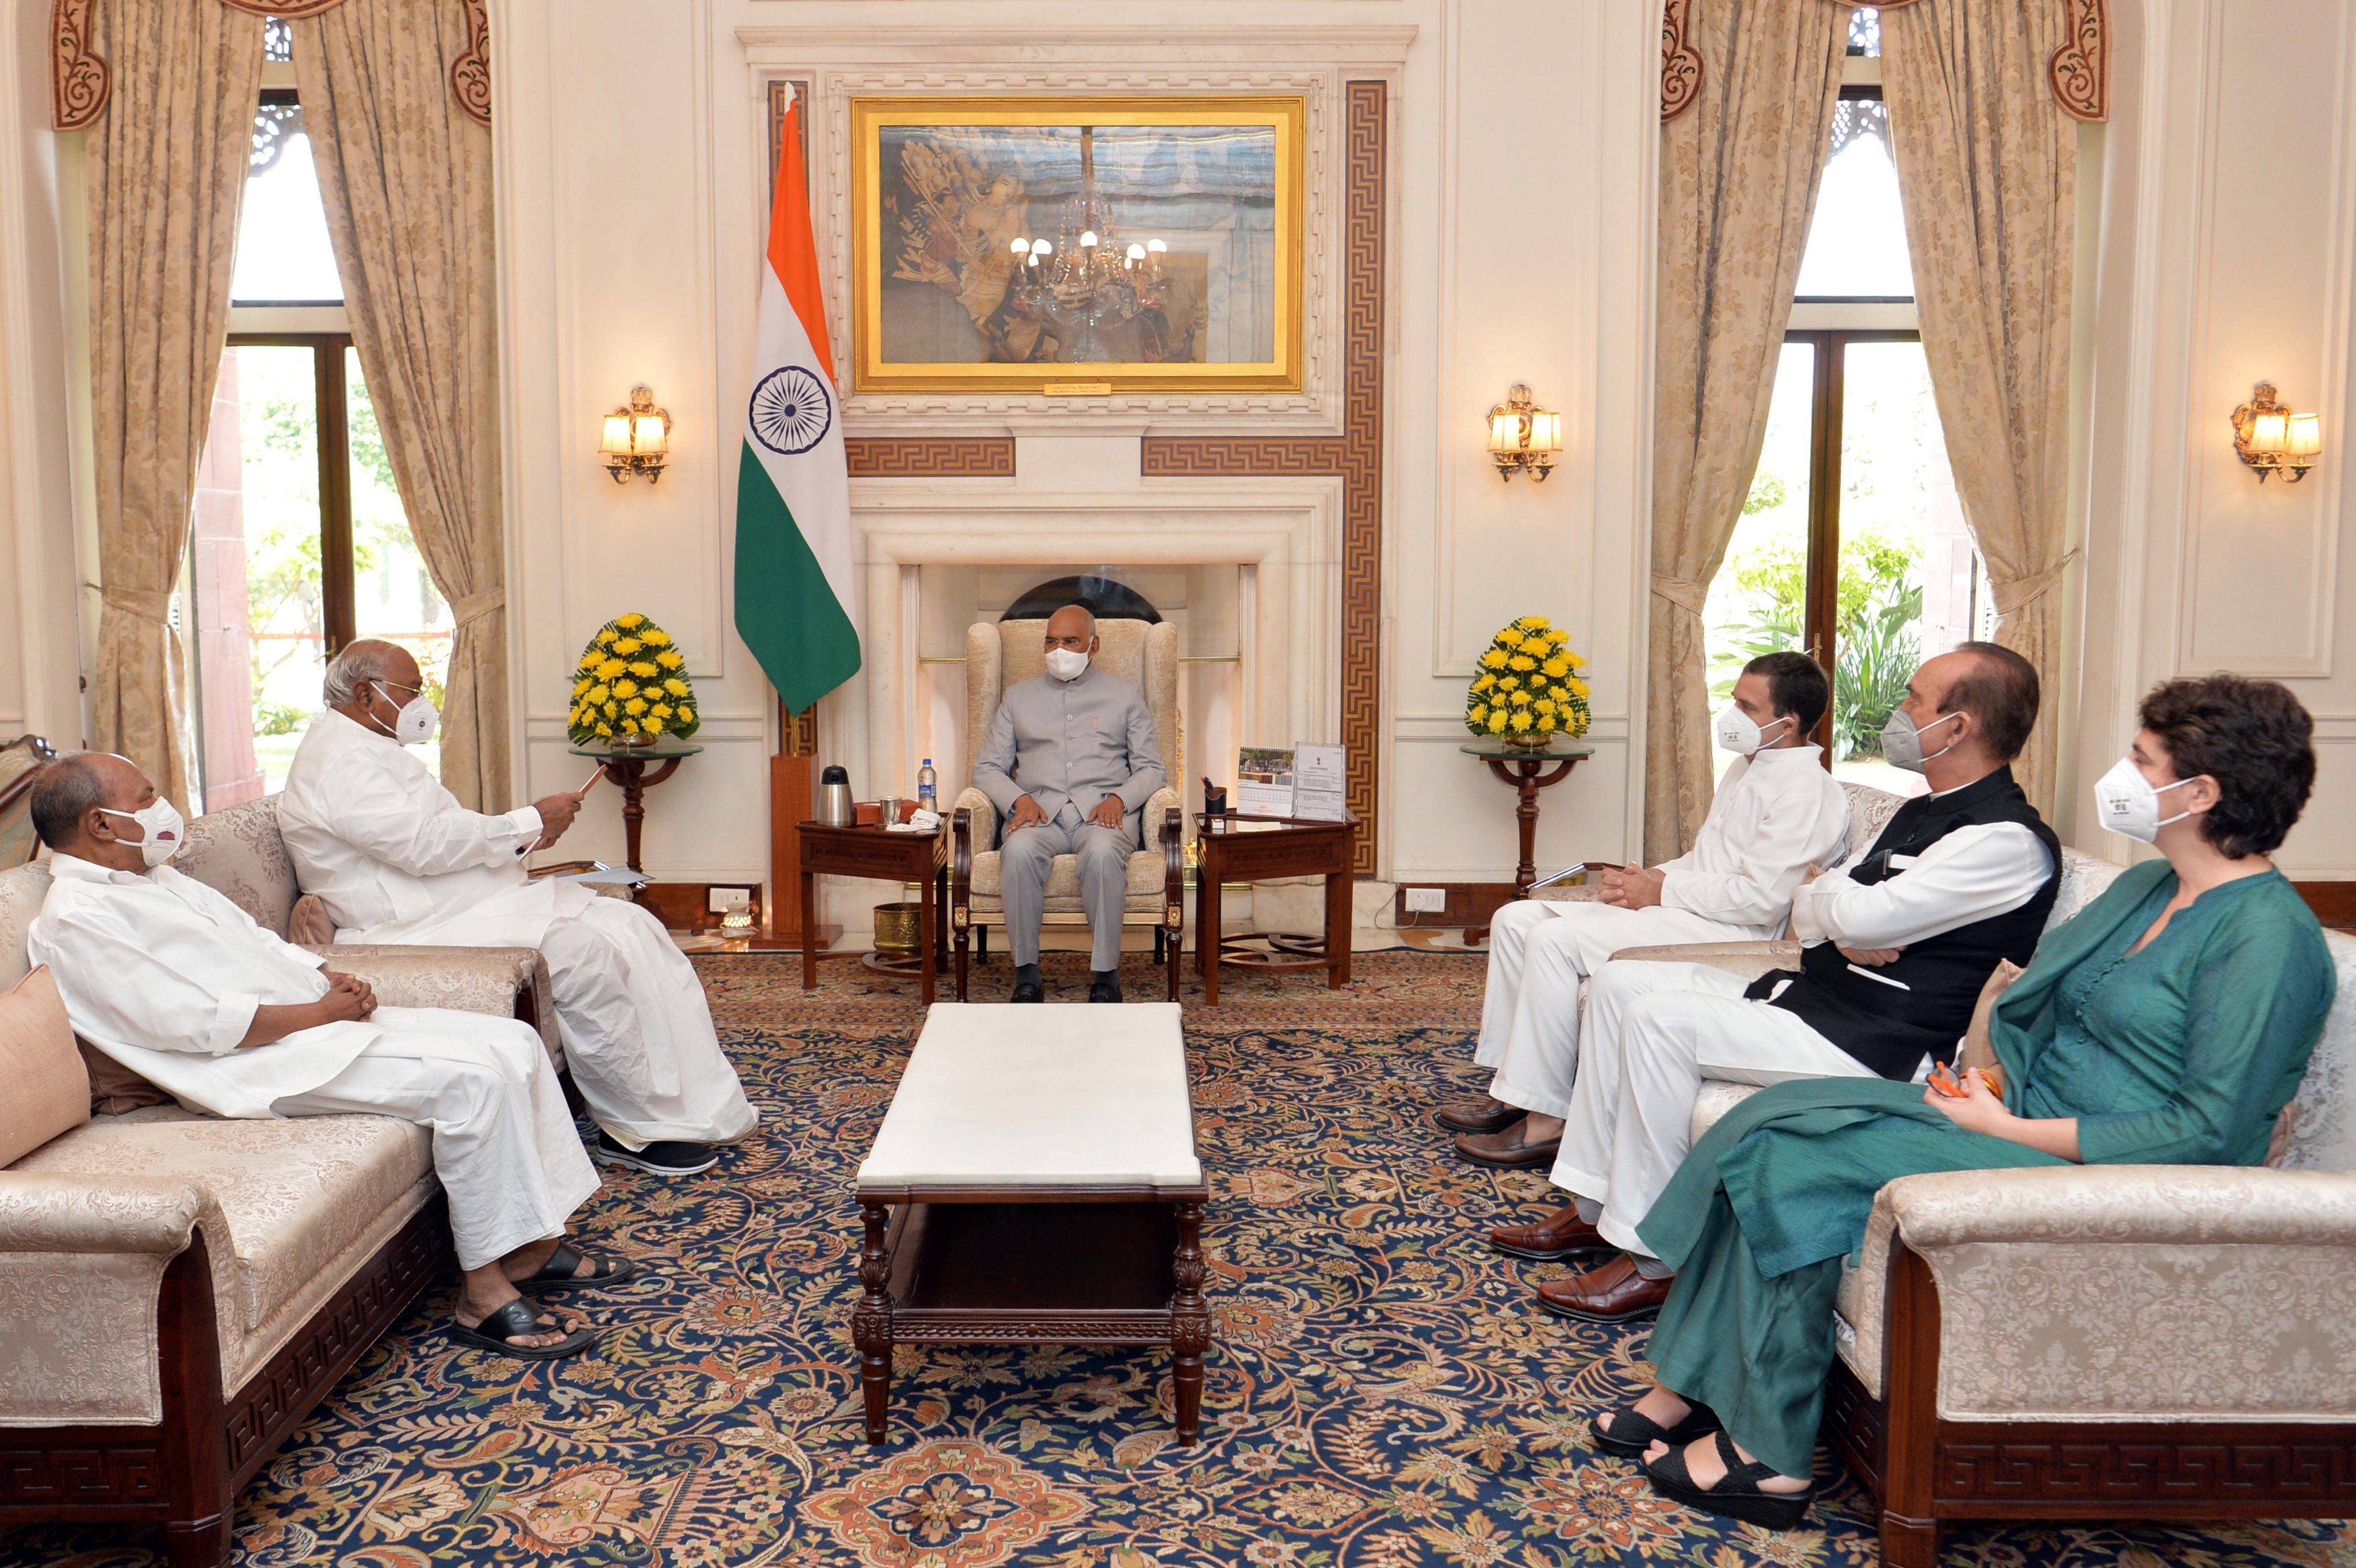 राष्ट्रपति से मिला कांग्रेस का प्रतिनिधिमंडल, अजय मिश्रा की बर्खास्तगी की मांग